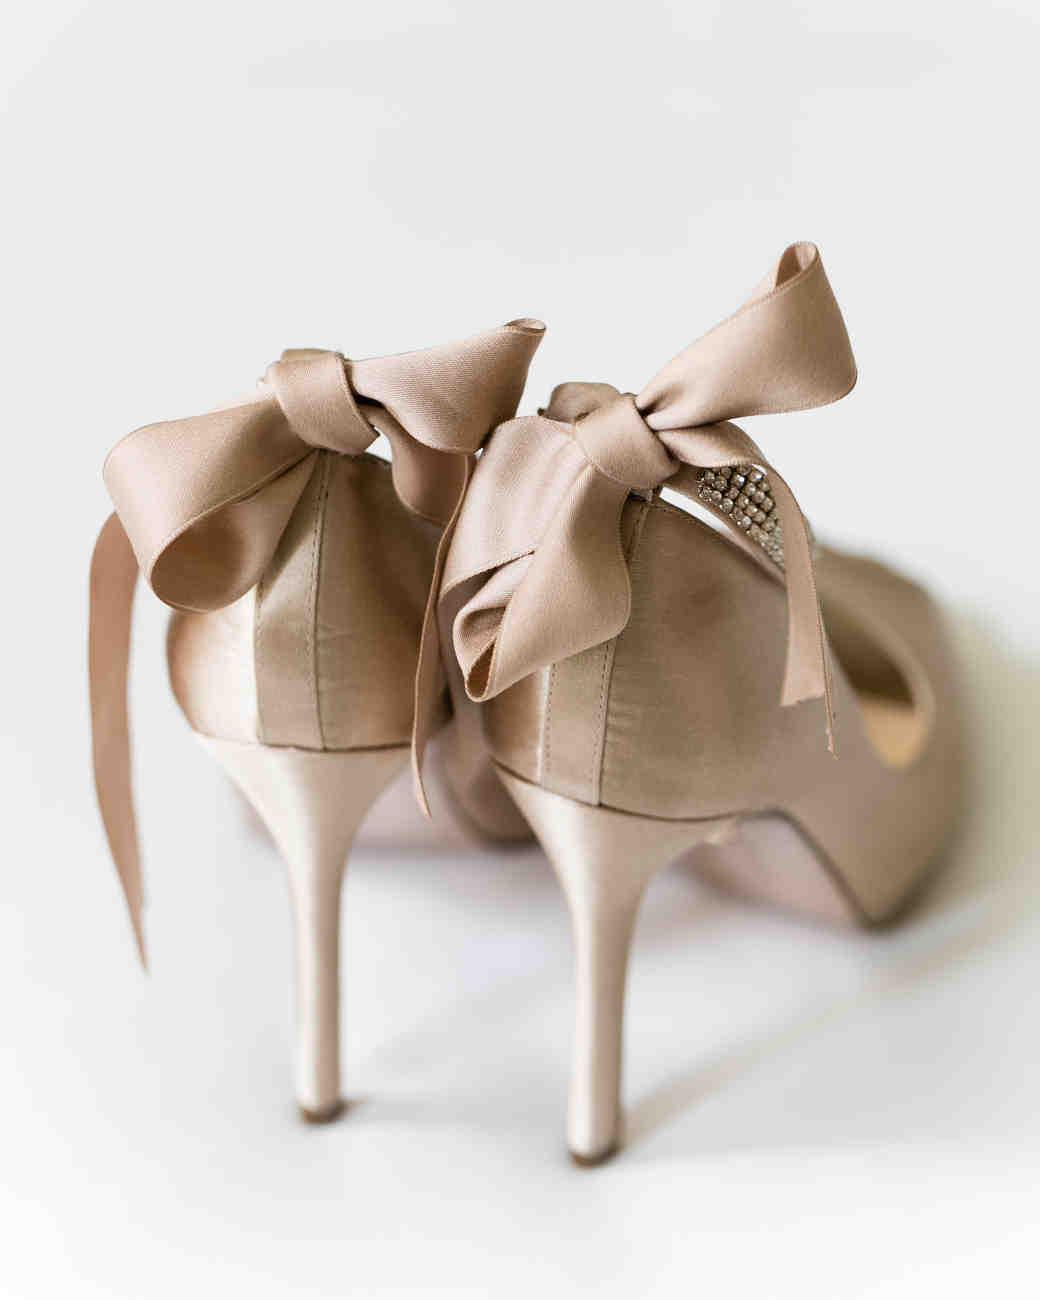 bianca-bryen-wedding-shoes-12-s112509-0216.jpg